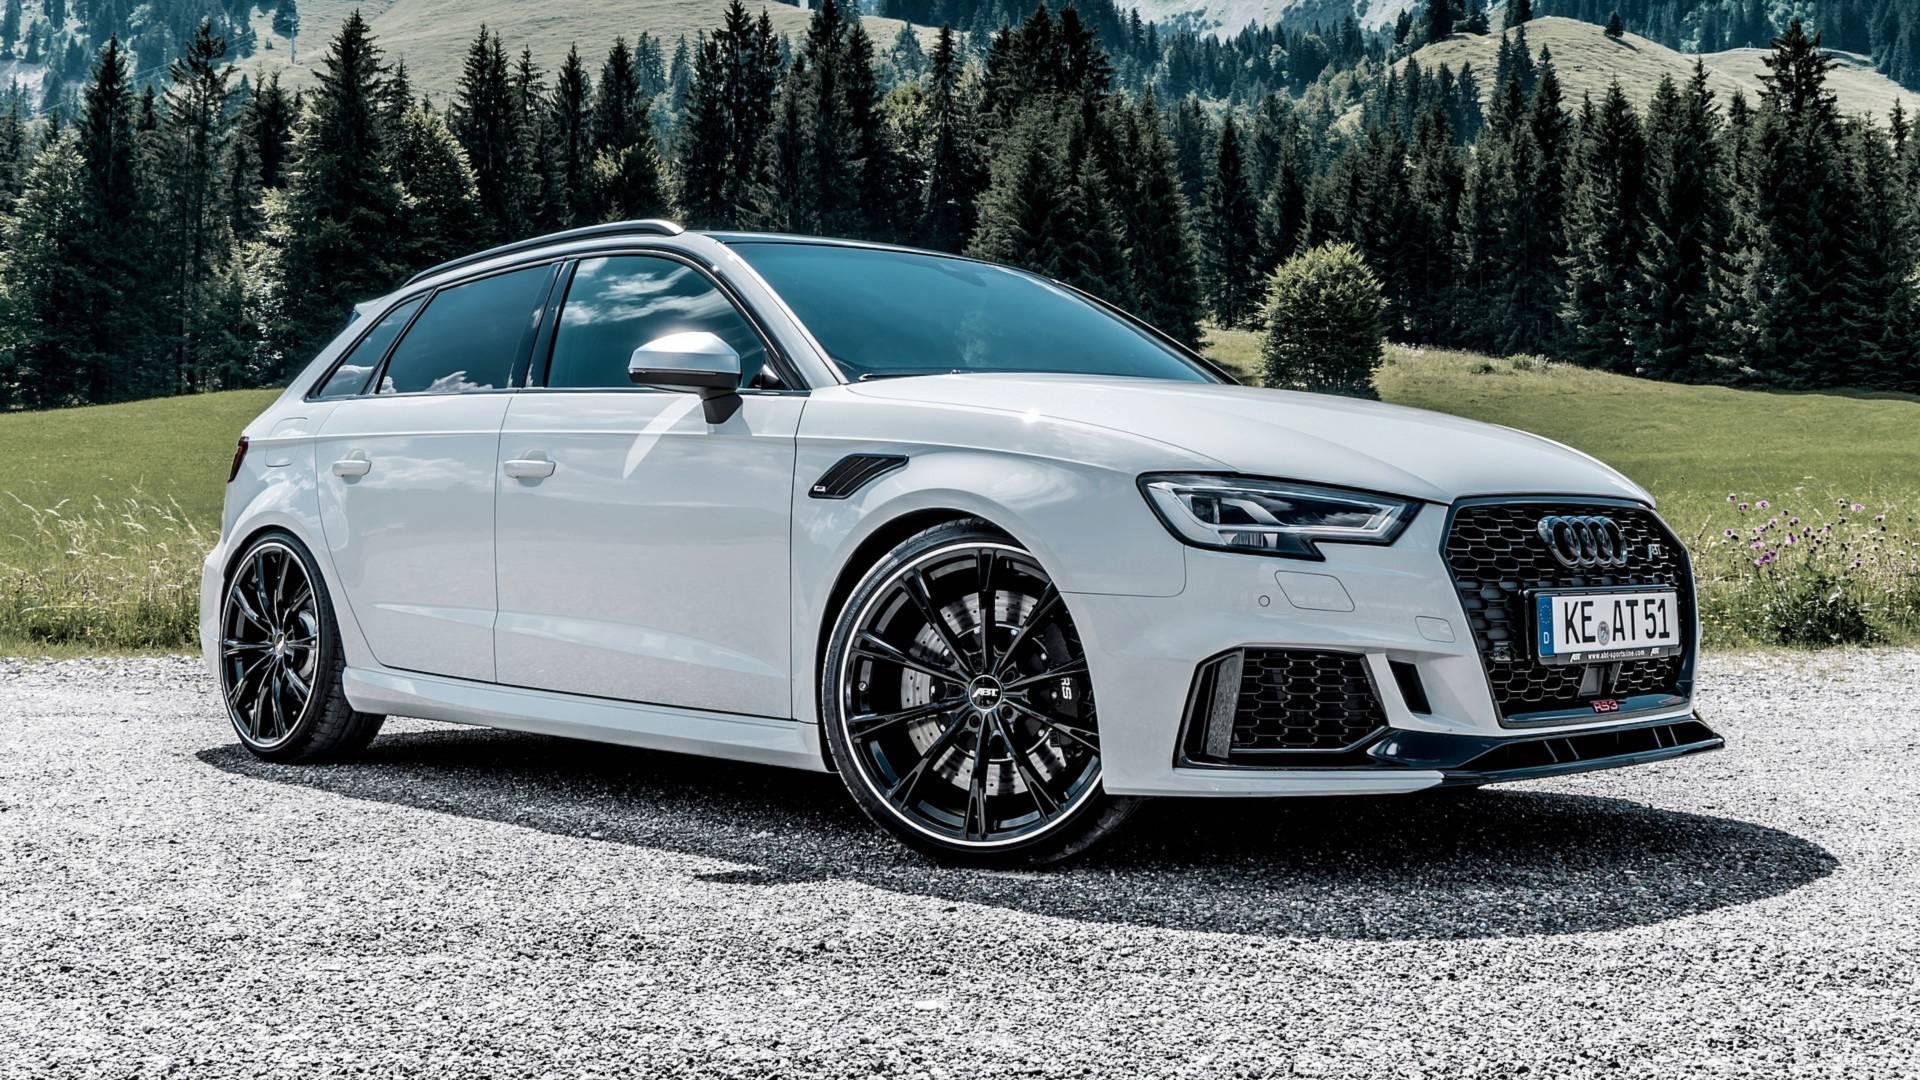 Imponentes jantes e 500 cv de potência, a receita da ABT para o Audi RS3 Sportback